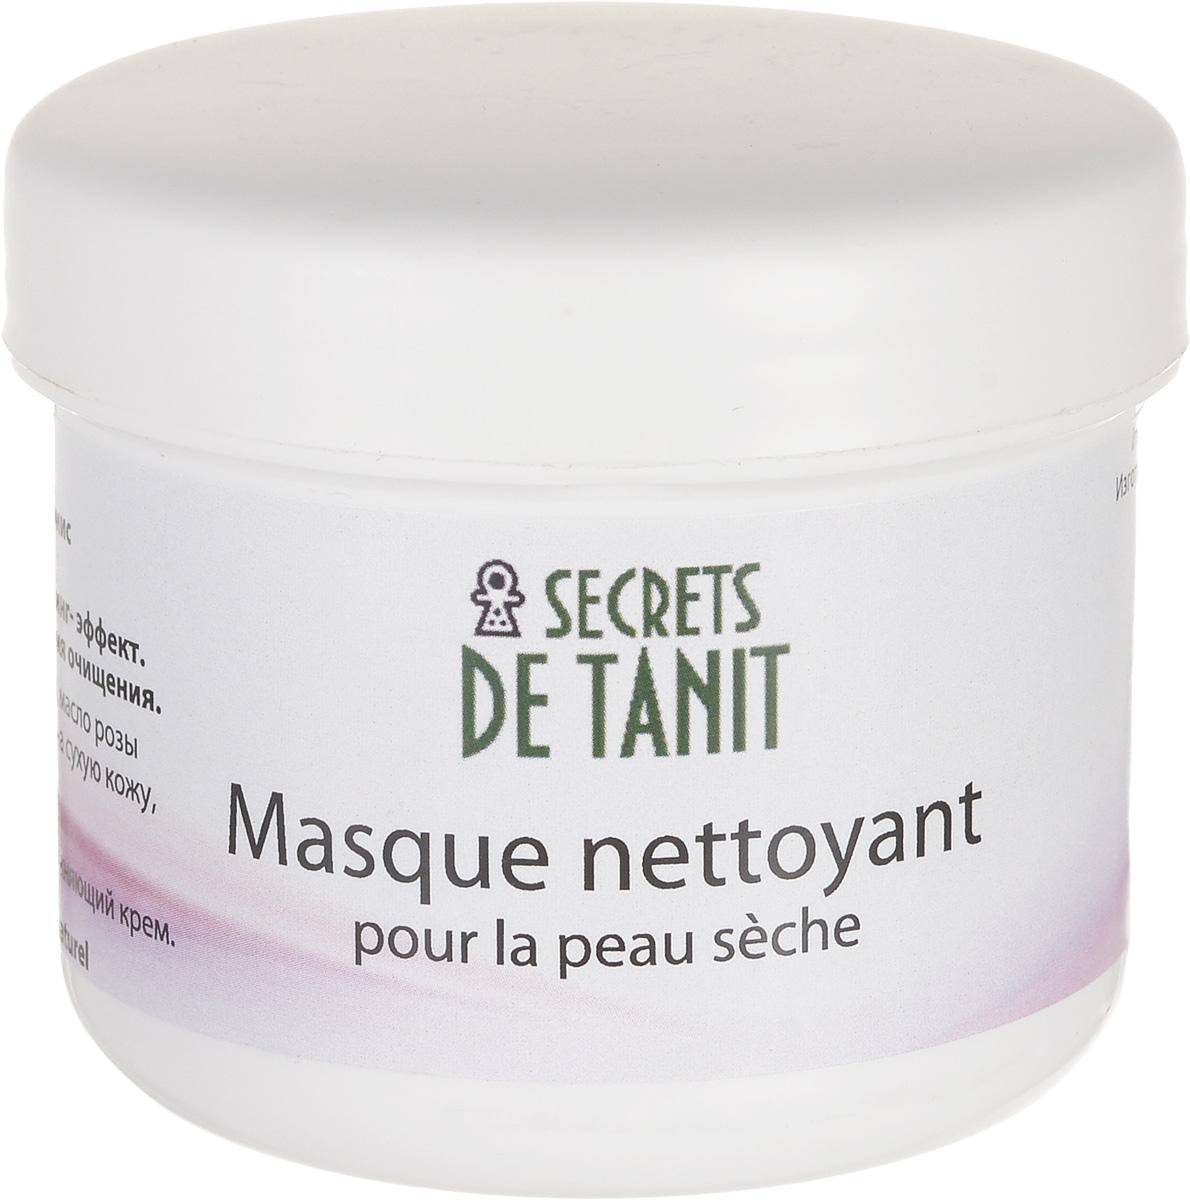 Secrets de Tanit Глиняная маска для сухой кожи лица, 200 мг70308100% натуральная маска Secrets de Tanit для сухой кожи лица